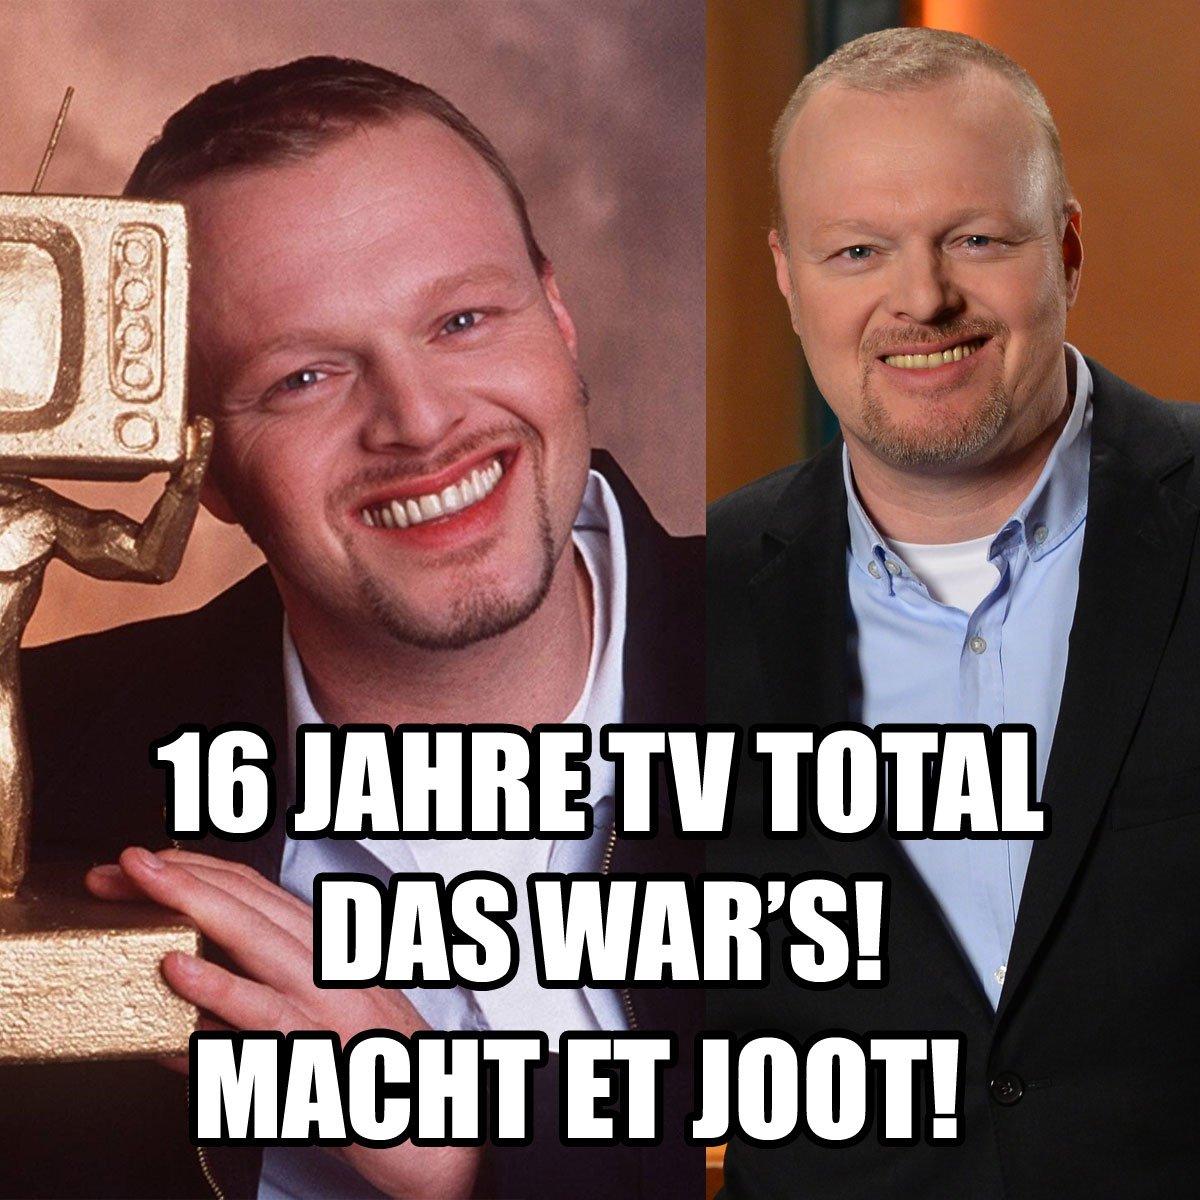 16 Jahre #tvtotal - traurig, aber wahr ... das war's! Danke fürs Zuschauen! #Raabschied https://t.co/8gl7zuuGLj